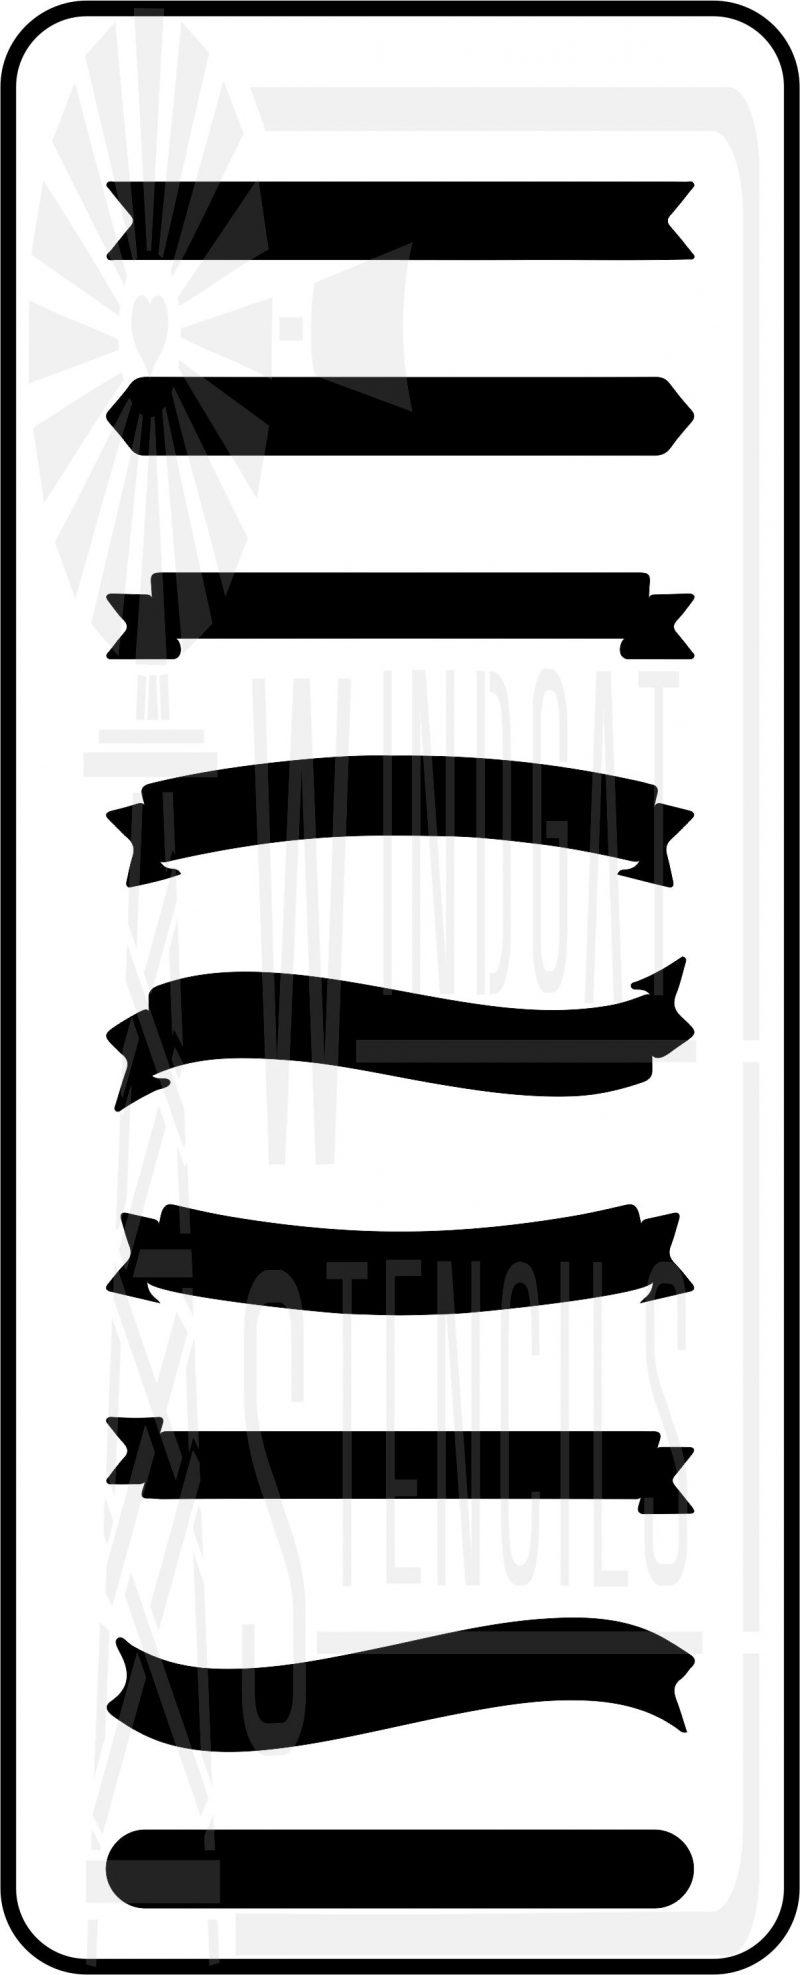 CP541 – Stencil